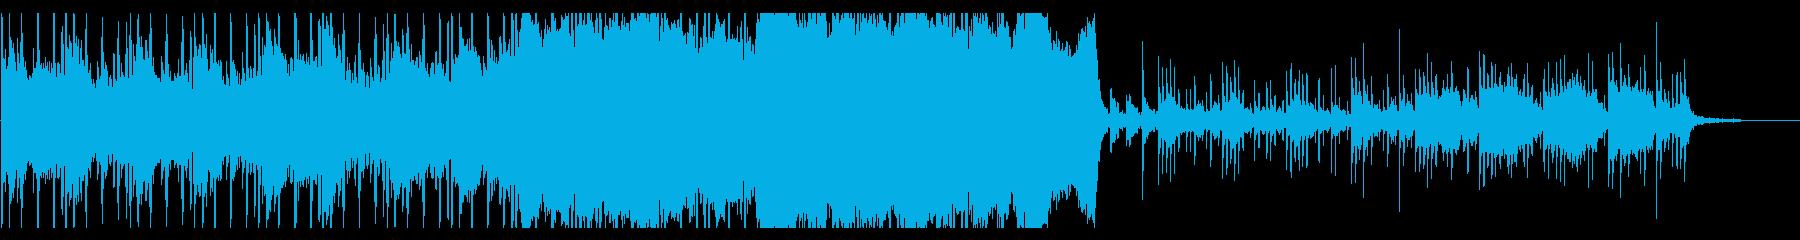 ピアノとストリングスのエンディング曲の再生済みの波形